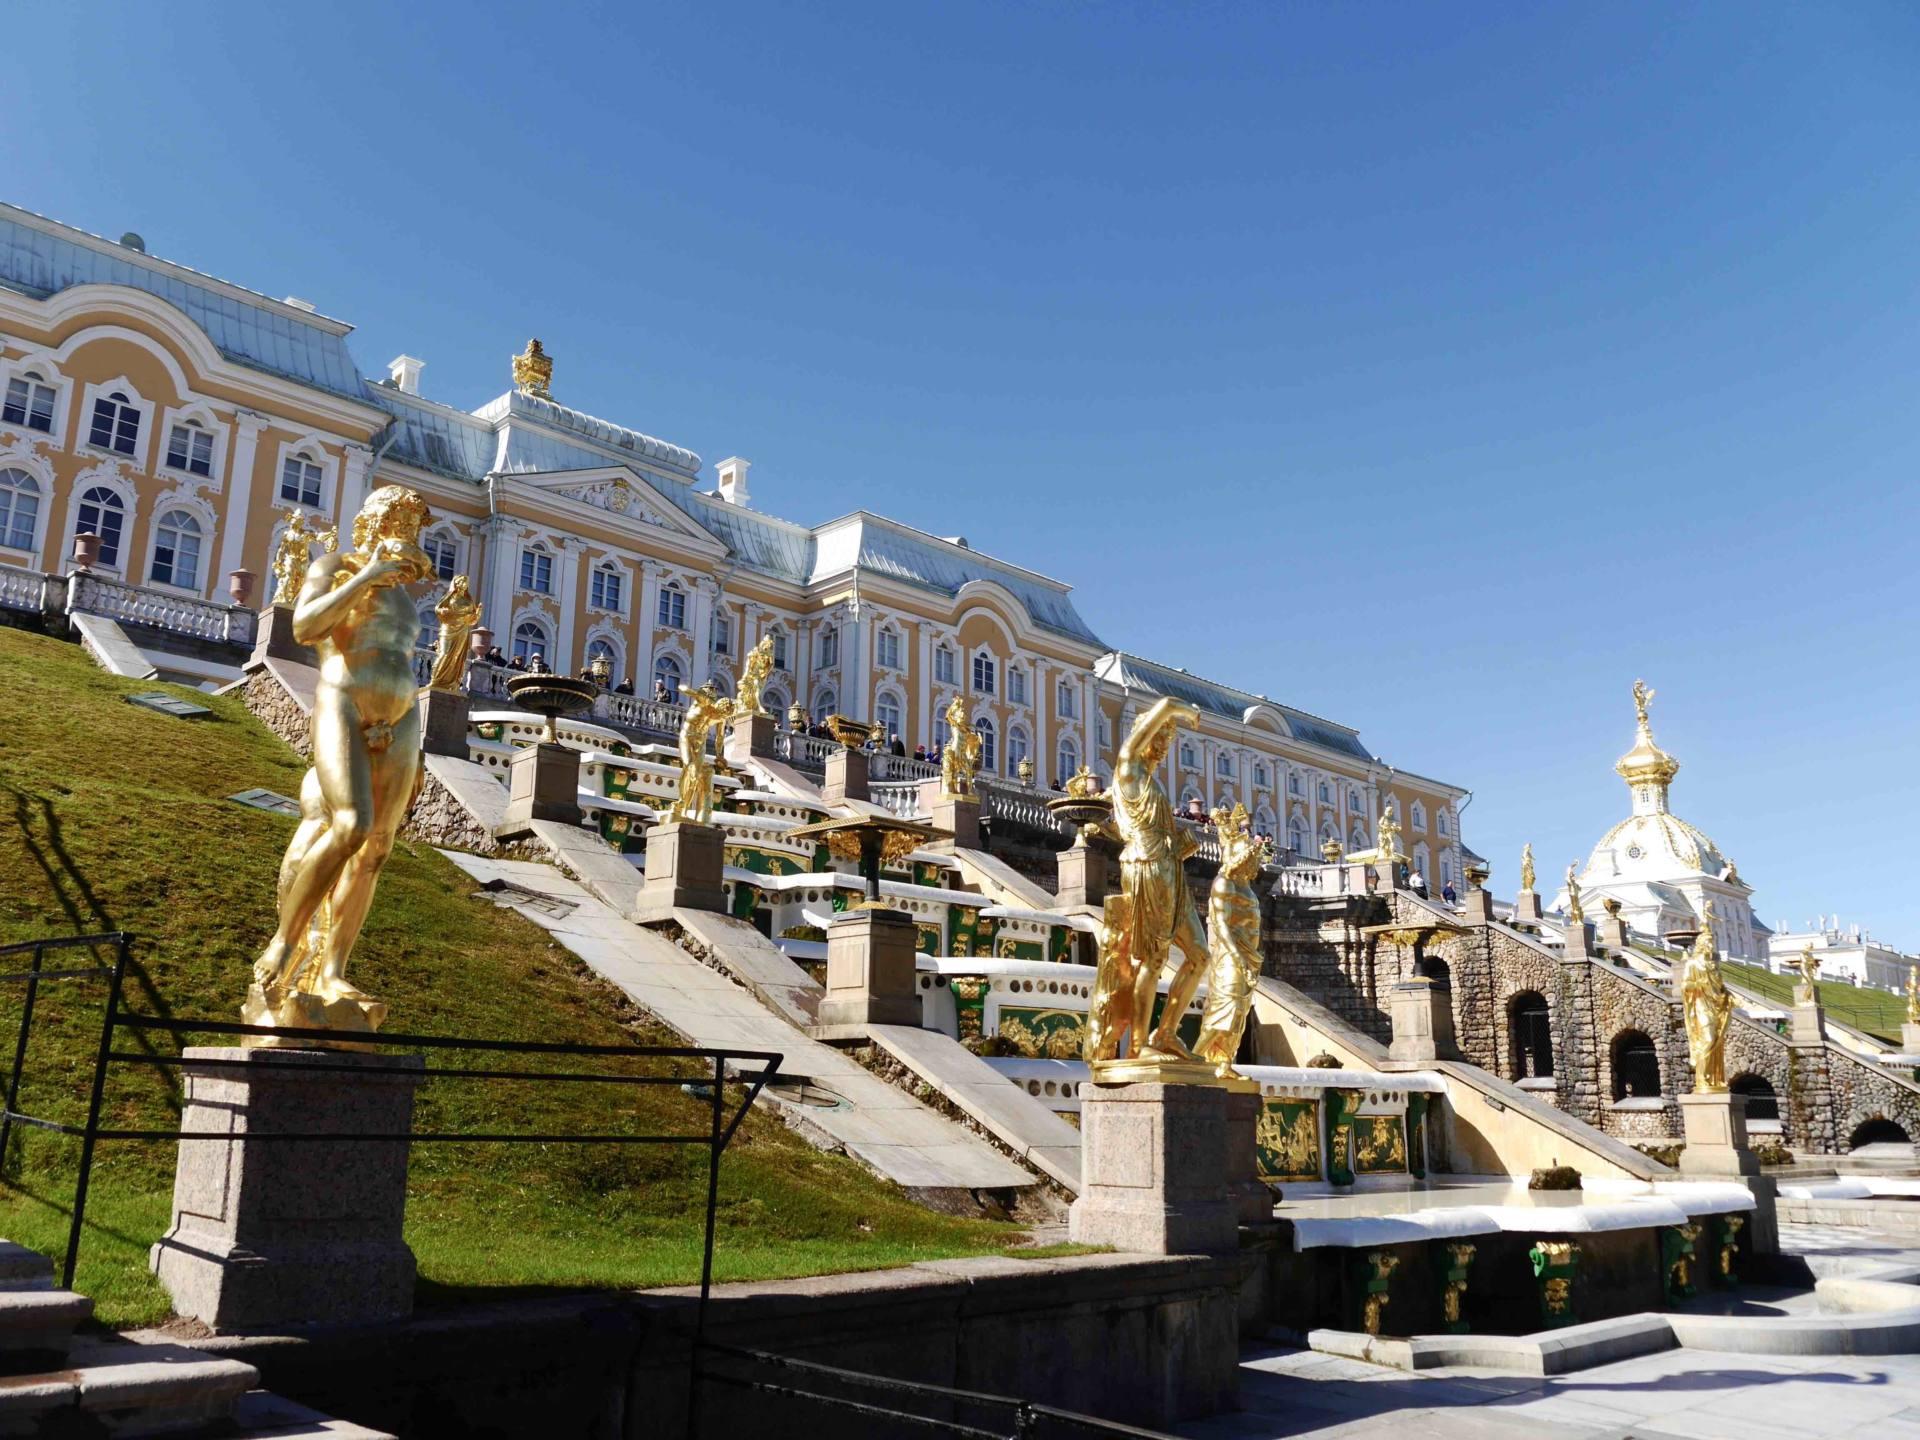 Things to do in St Petersburg | Peterhof Palace